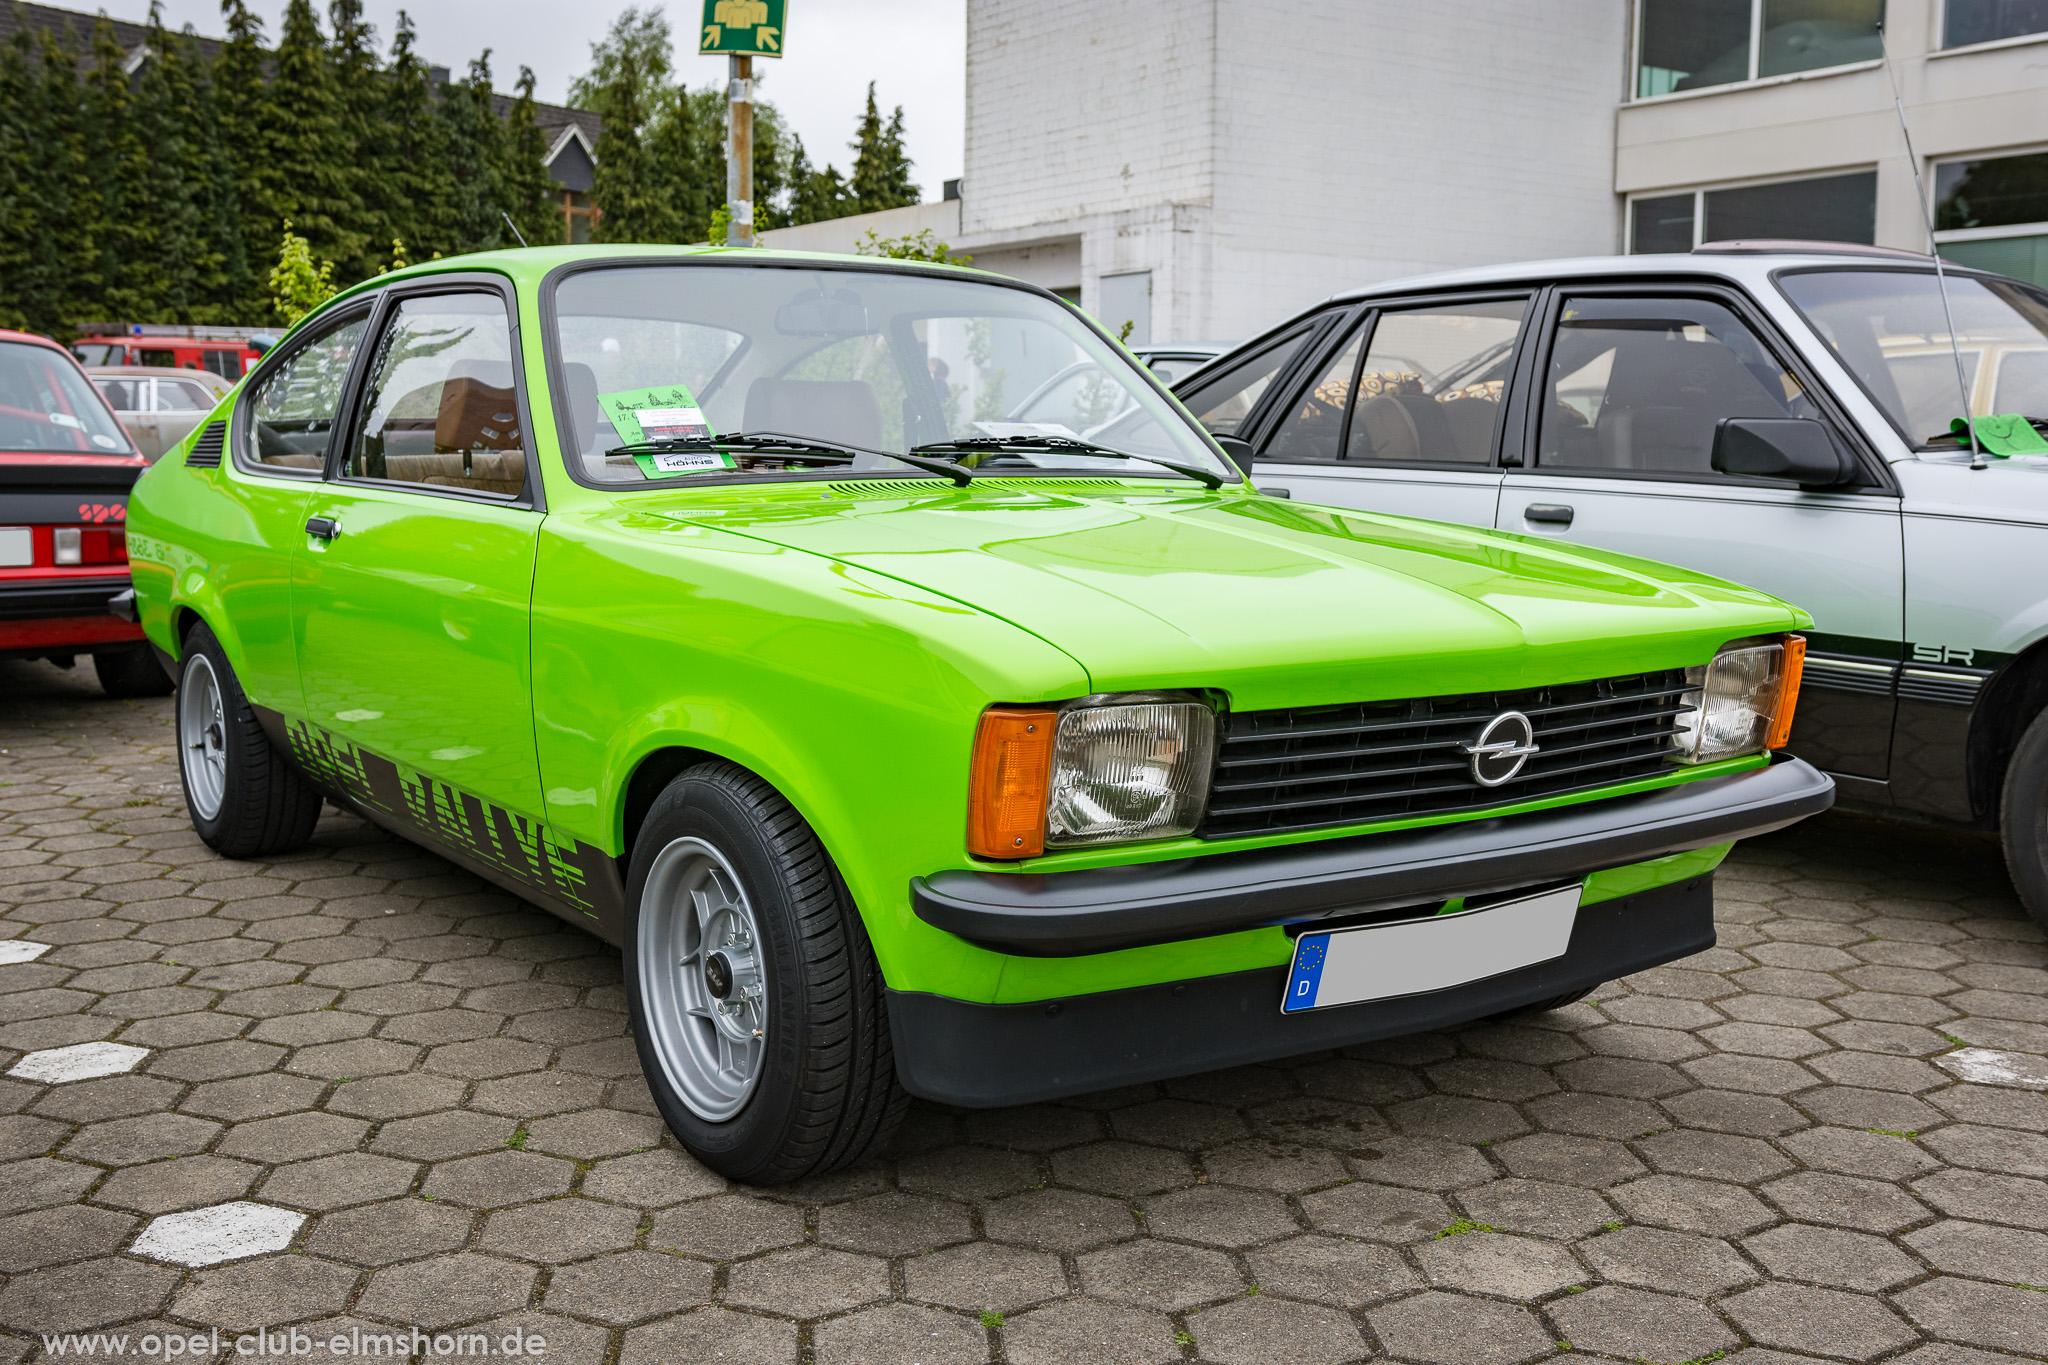 Altopeltreffen Wedel 2019 - 20190501_113953 - Opel Kadett C